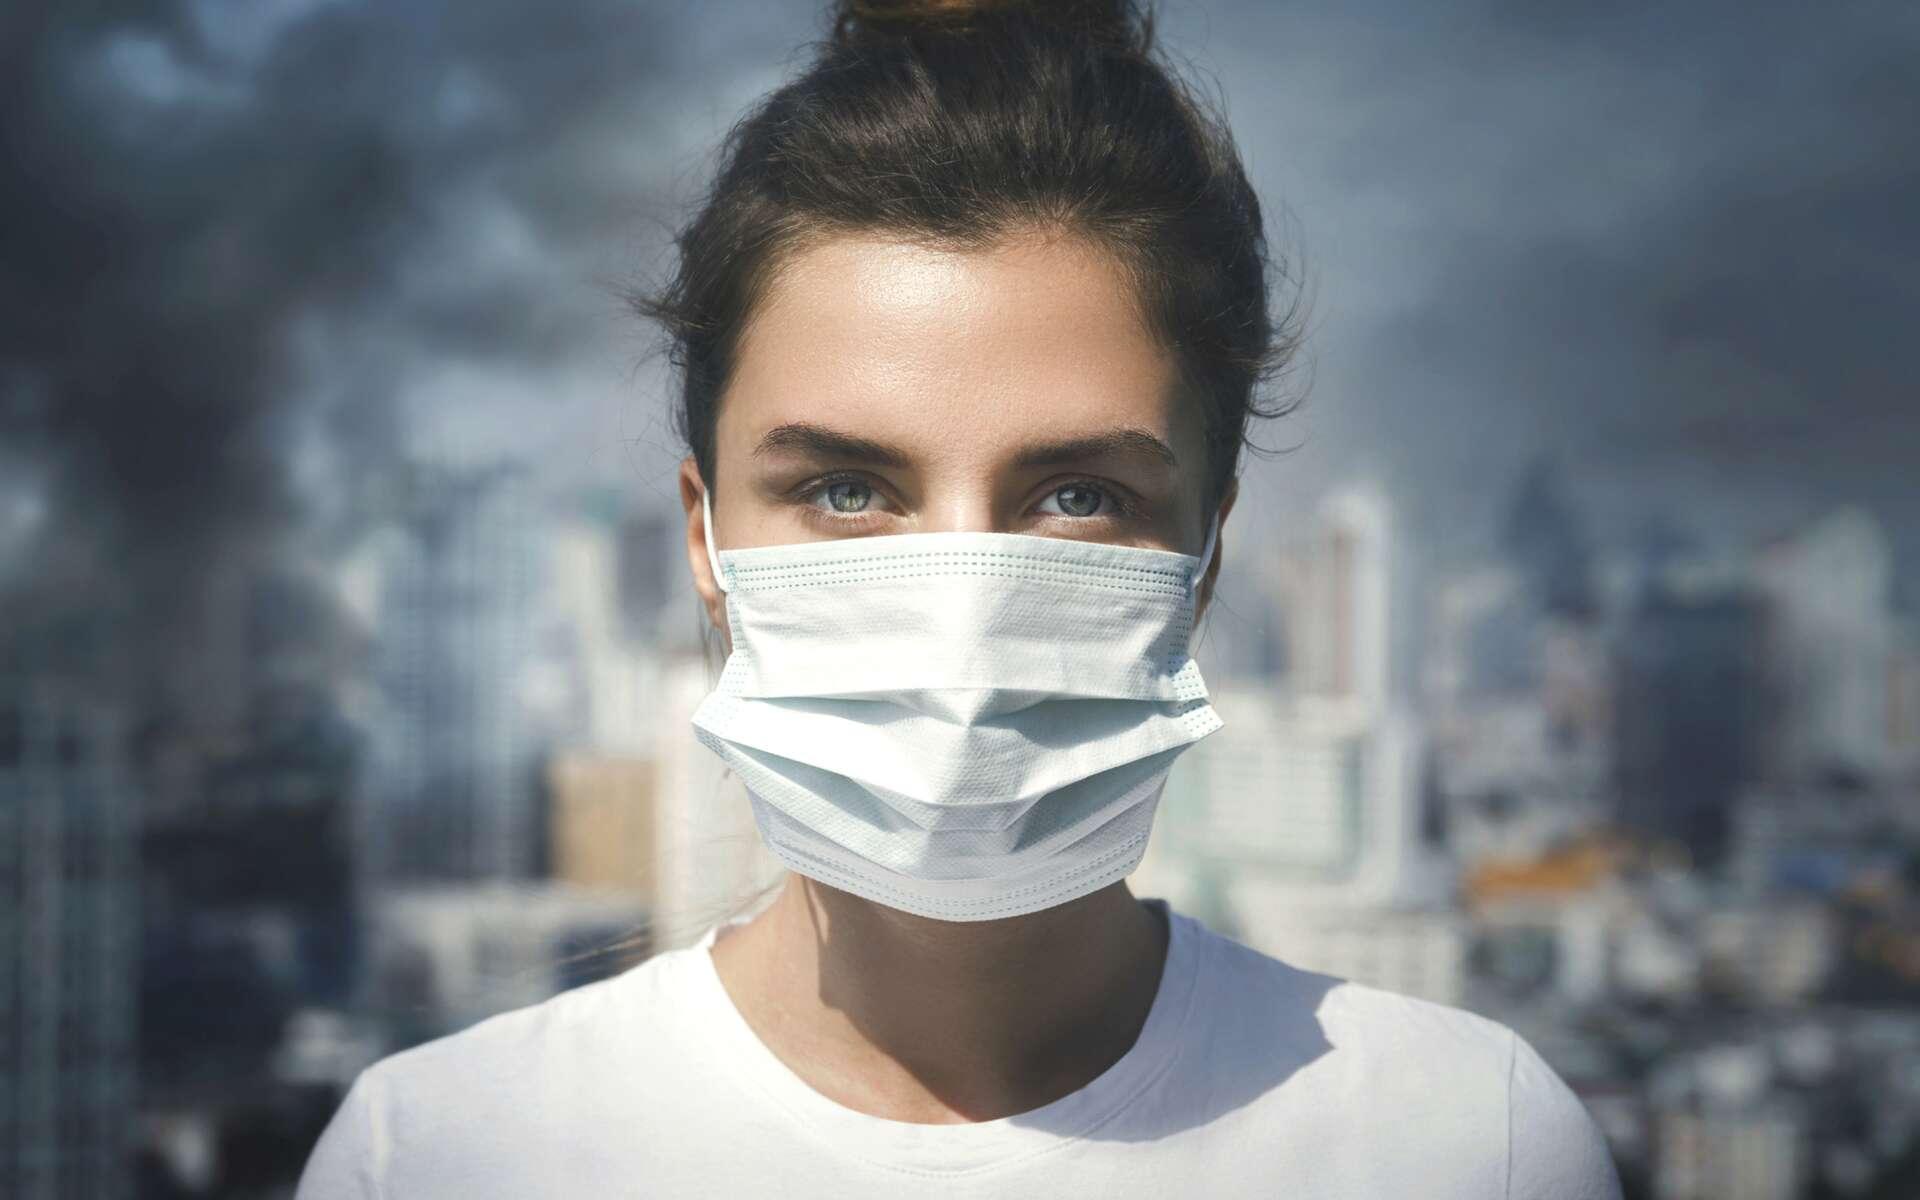 La circulation automobile est l'une des principales sources de pollution atmosphérique, avec les rejets des usines. © Julianna Nazarevska, IStock.com